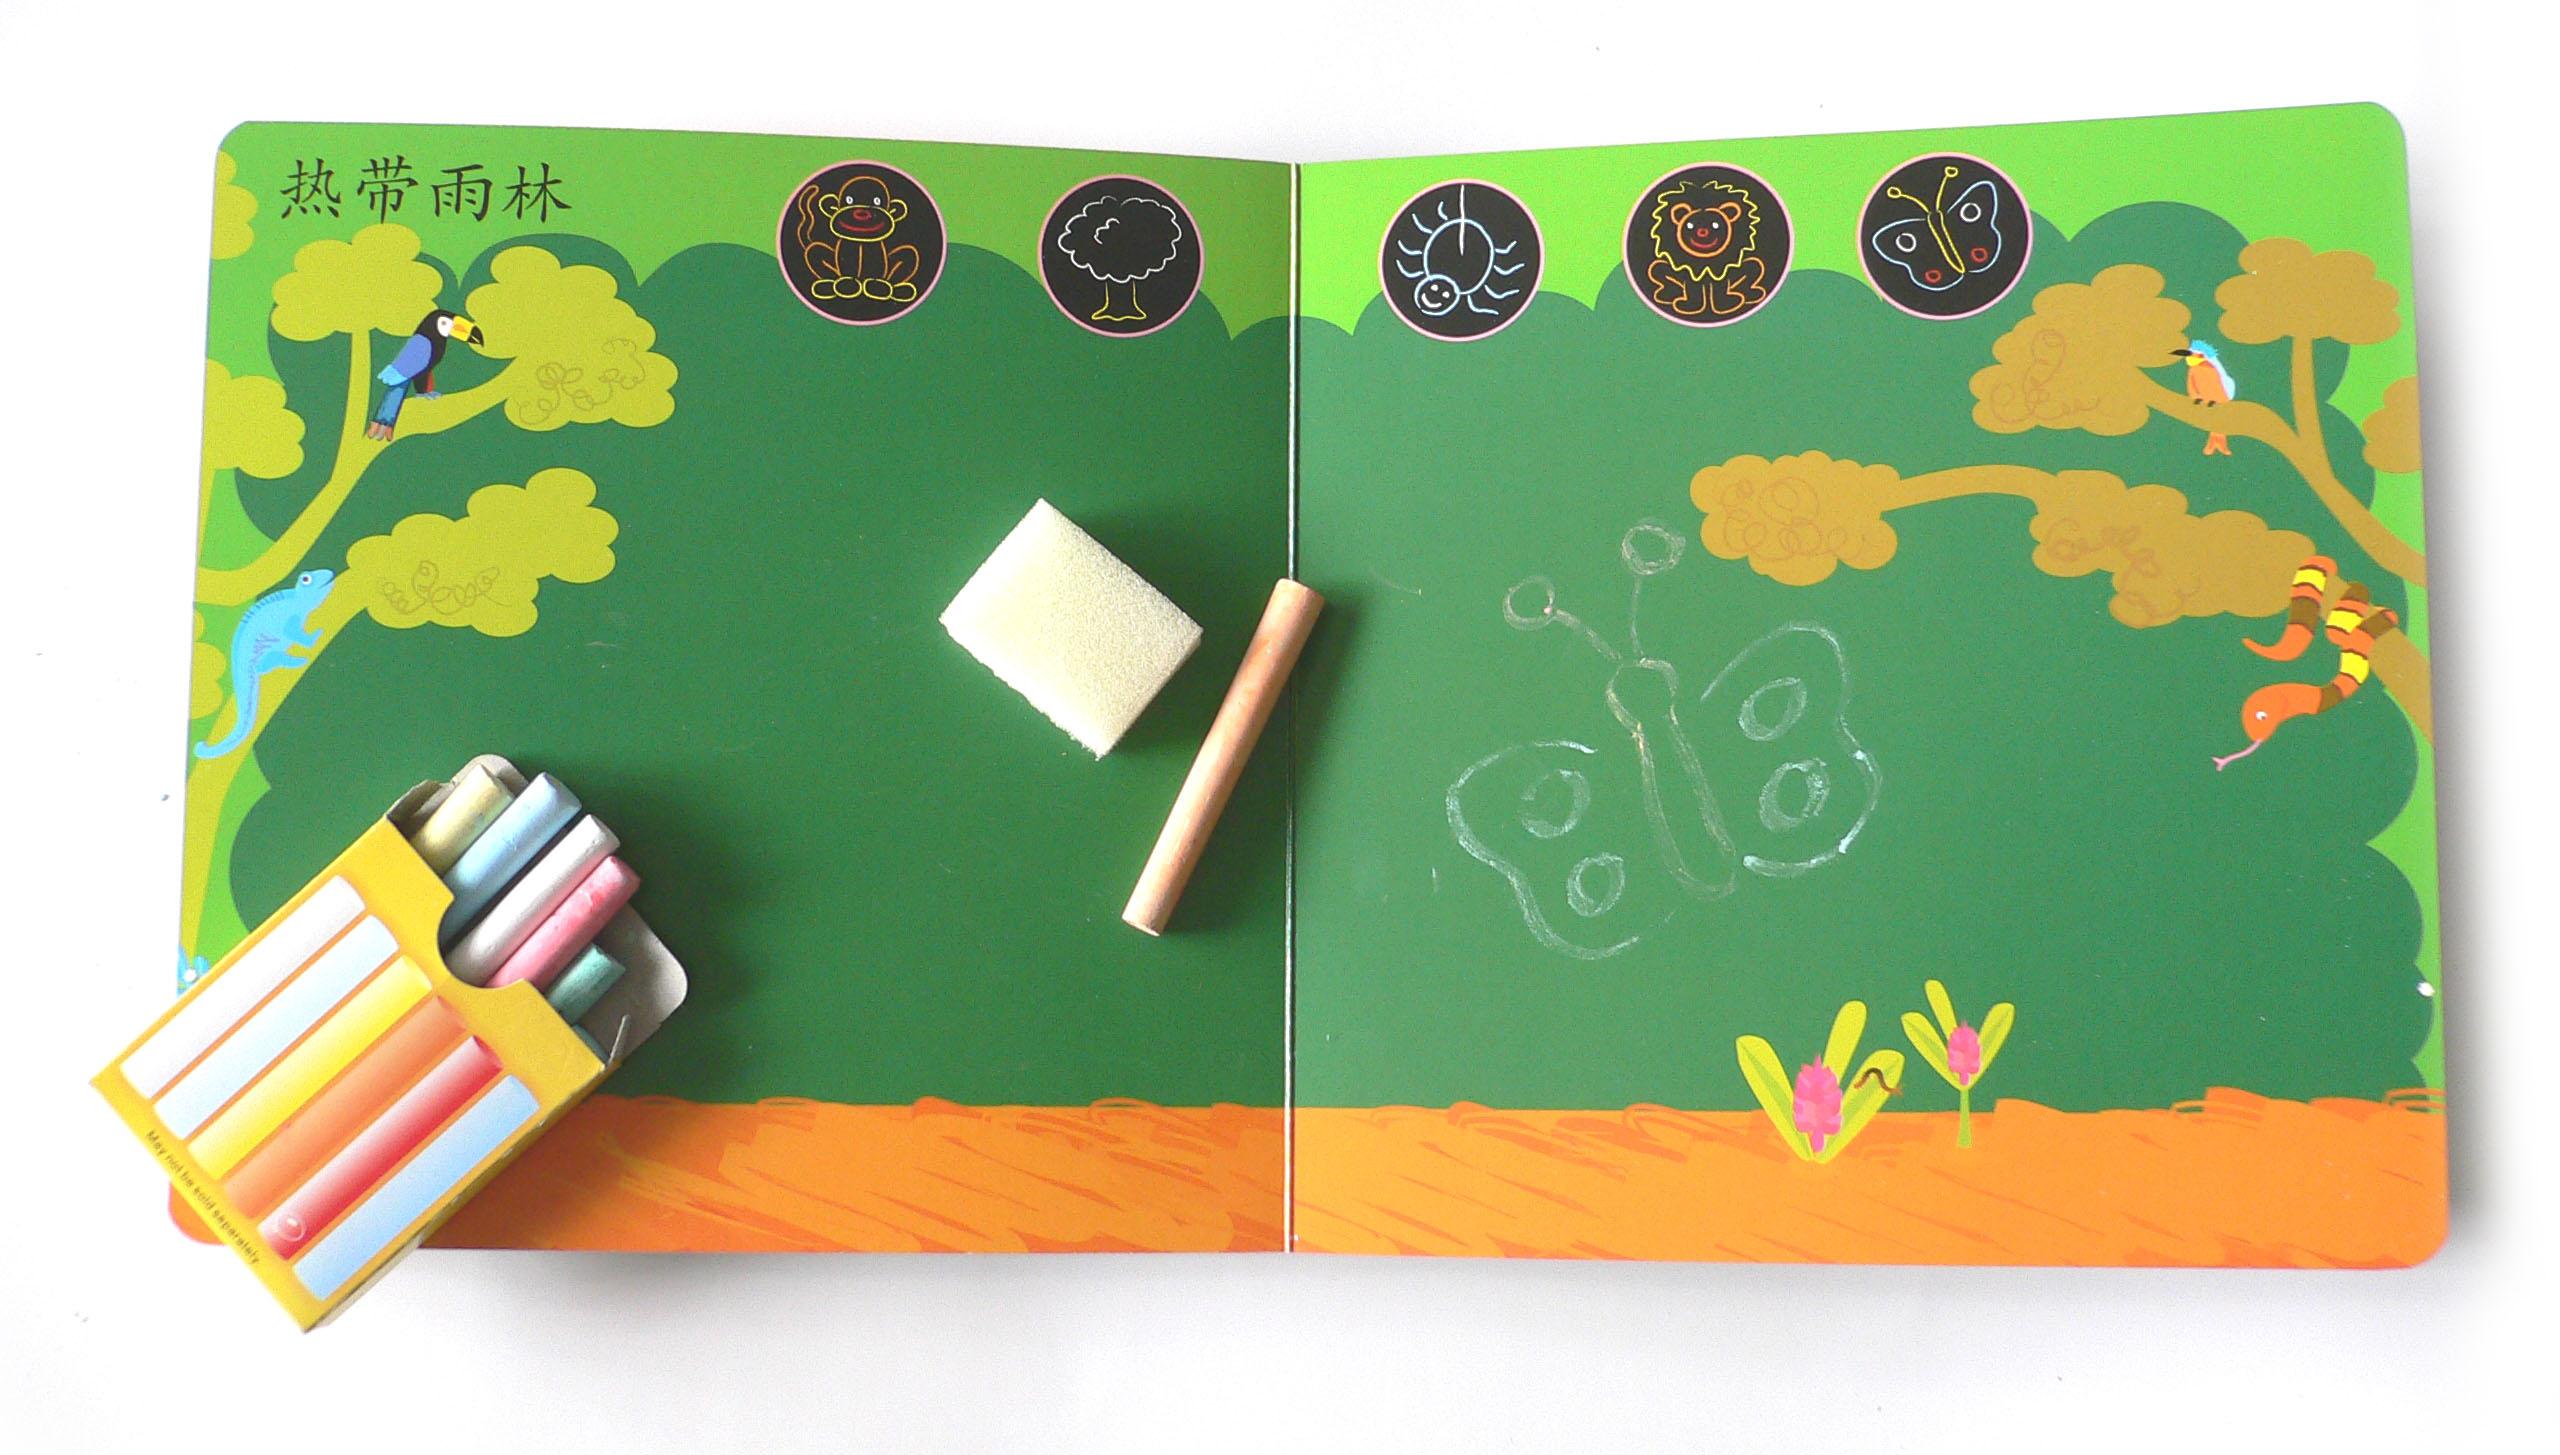 花朵藤蔓边框简笔画绿色